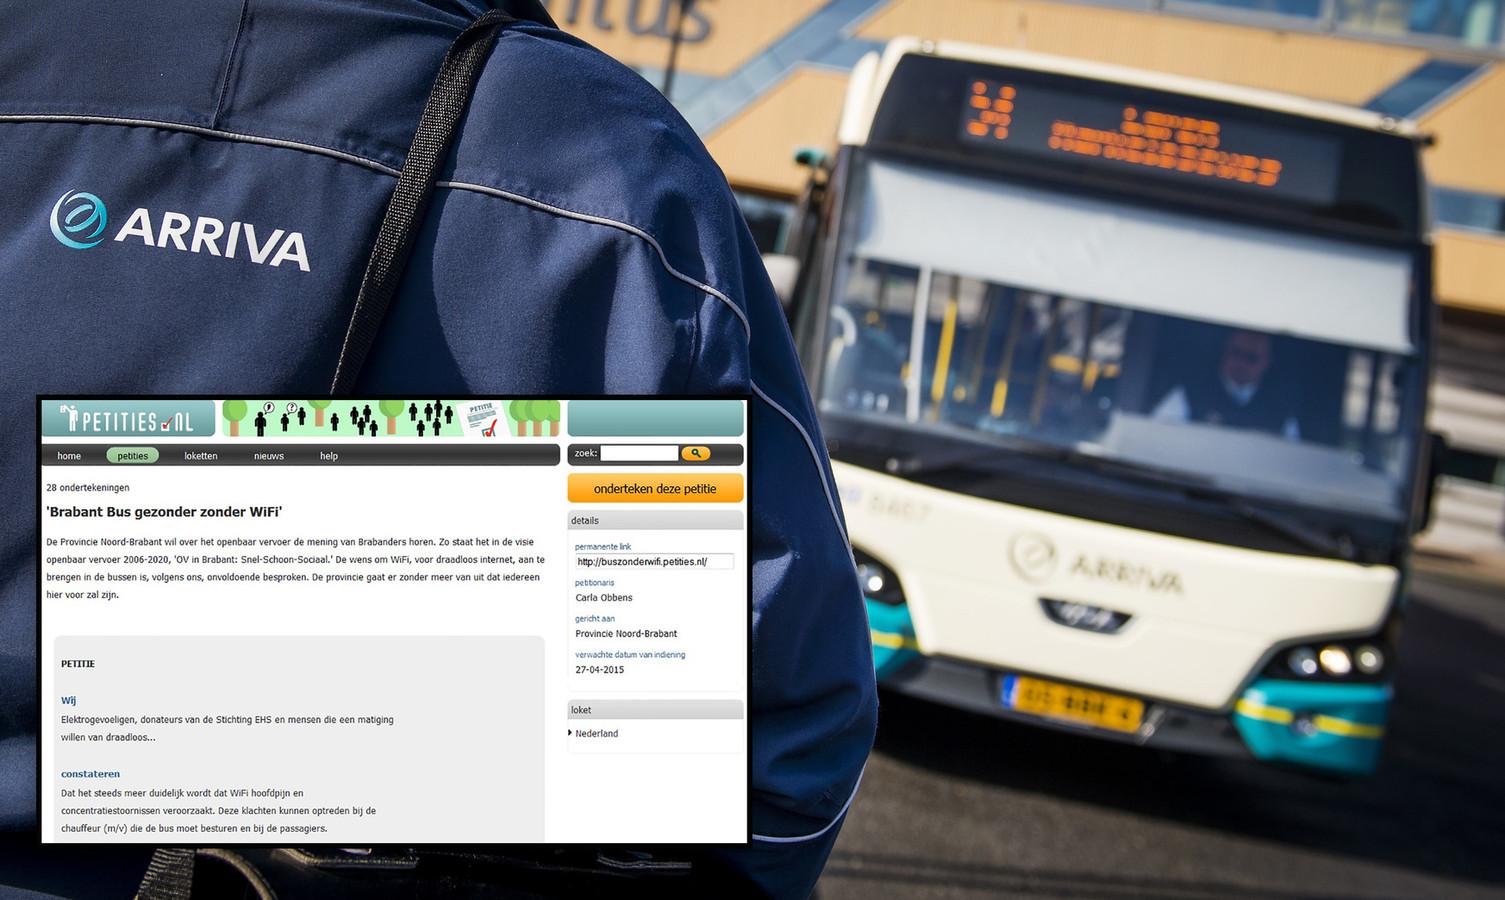 Met de petitie 'Brabant Bus gezonder zonder Wifi' gaat Carla Obbens (58) de strijd aan tegen de moderne snufjes